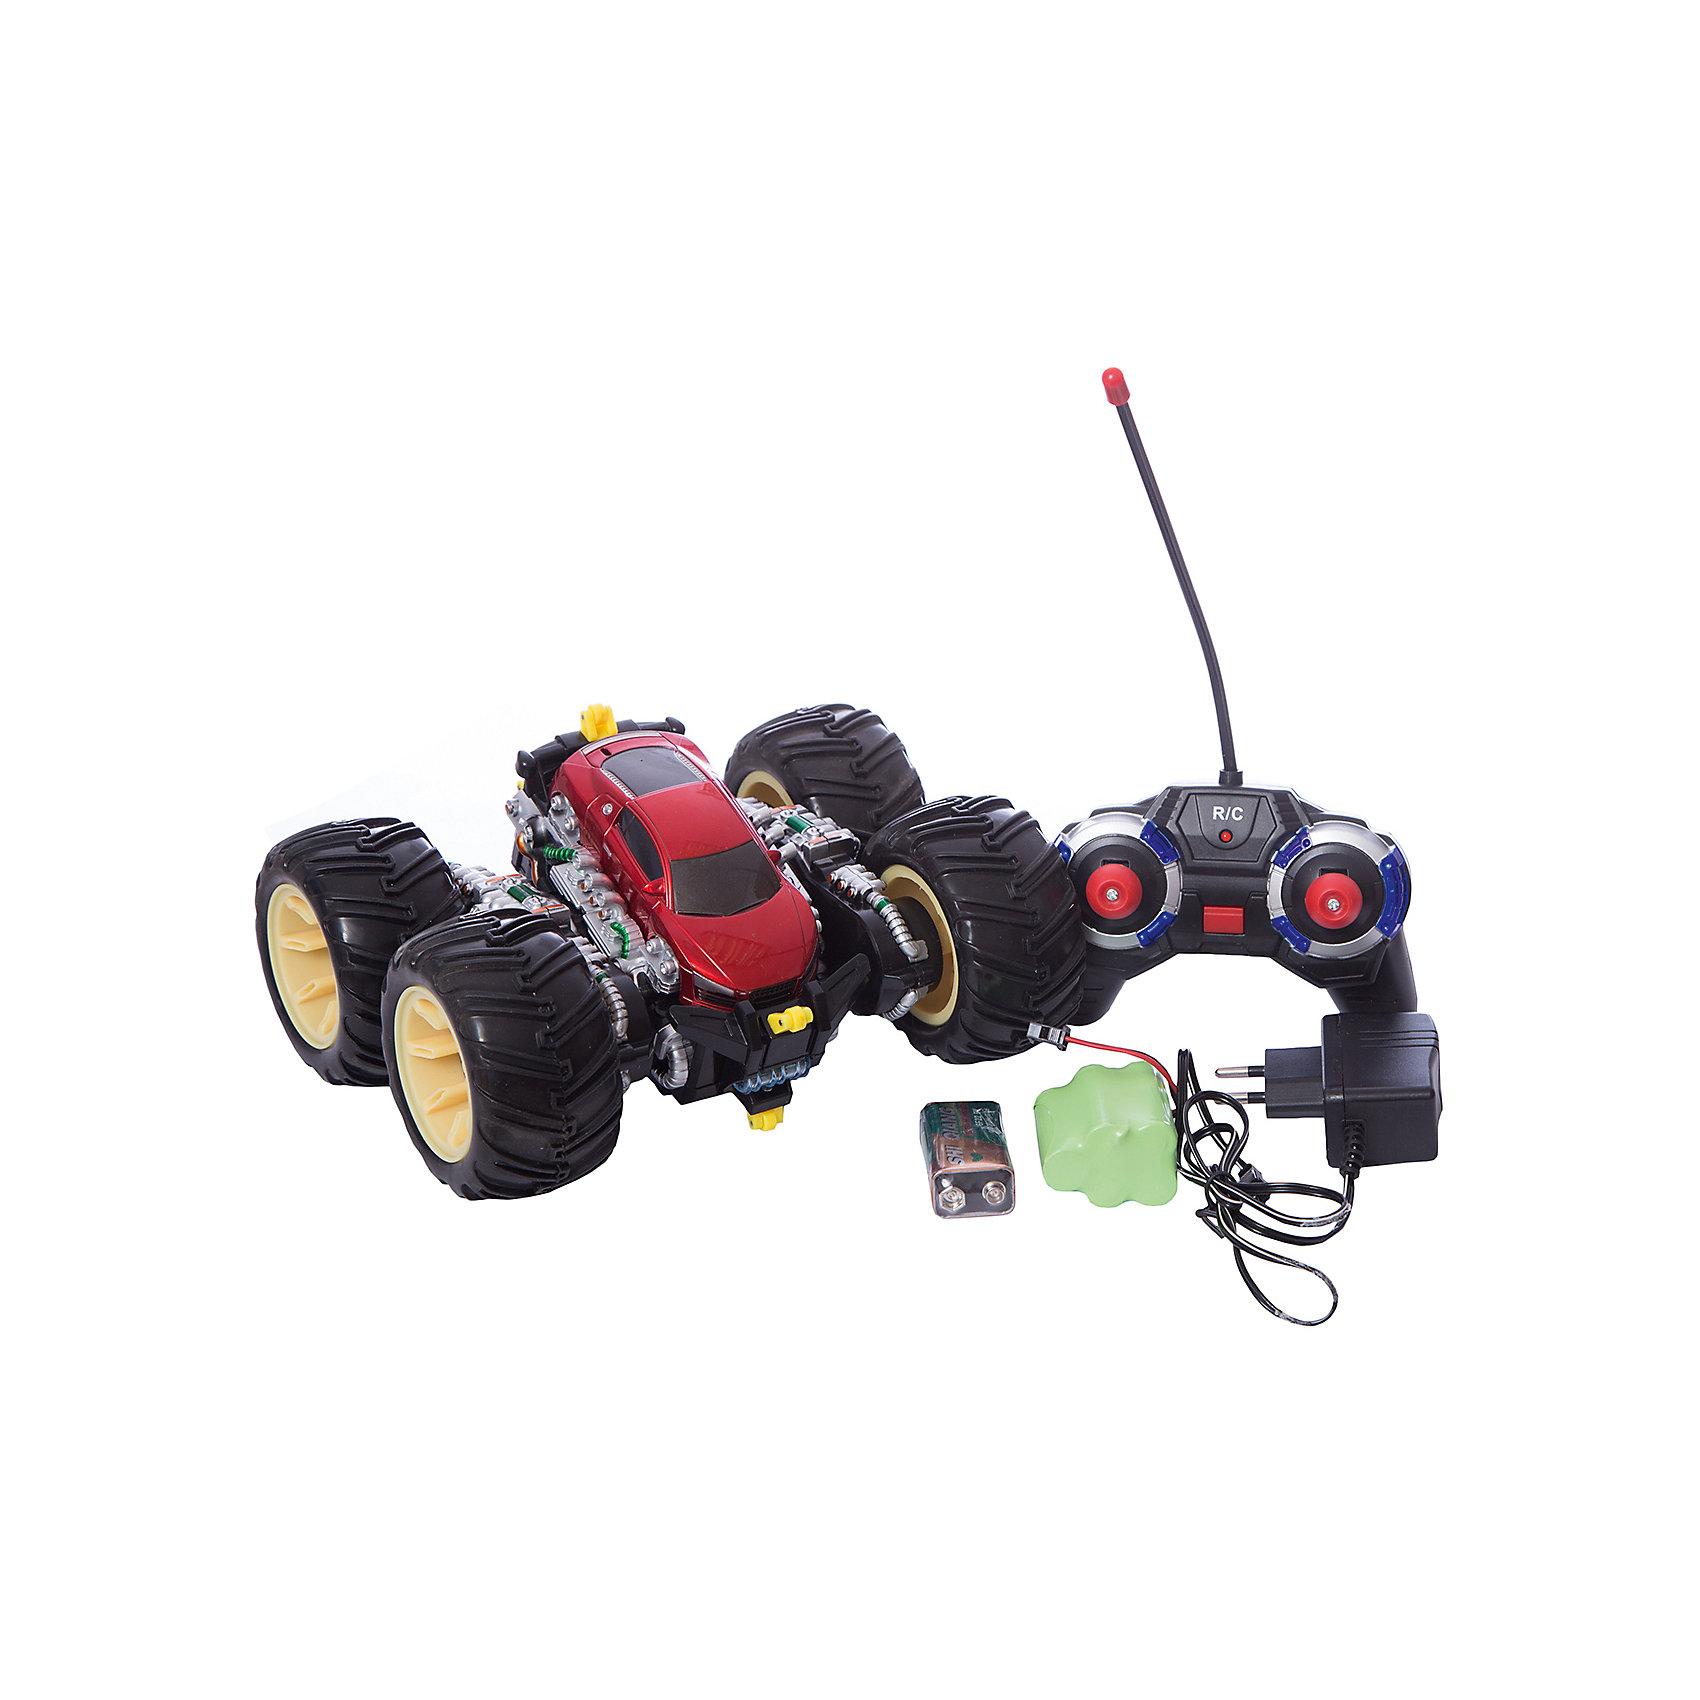 Радиоуправляемая машинка трюковая, черно-красная, ZCРадиоуправляемый транспорт<br><br><br>Ширина мм: 850<br>Глубина мм: 360<br>Высота мм: 780<br>Вес г: 1120<br>Возраст от месяцев: 36<br>Возраст до месяцев: 168<br>Пол: Унисекс<br>Возраст: Детский<br>SKU: 6884001